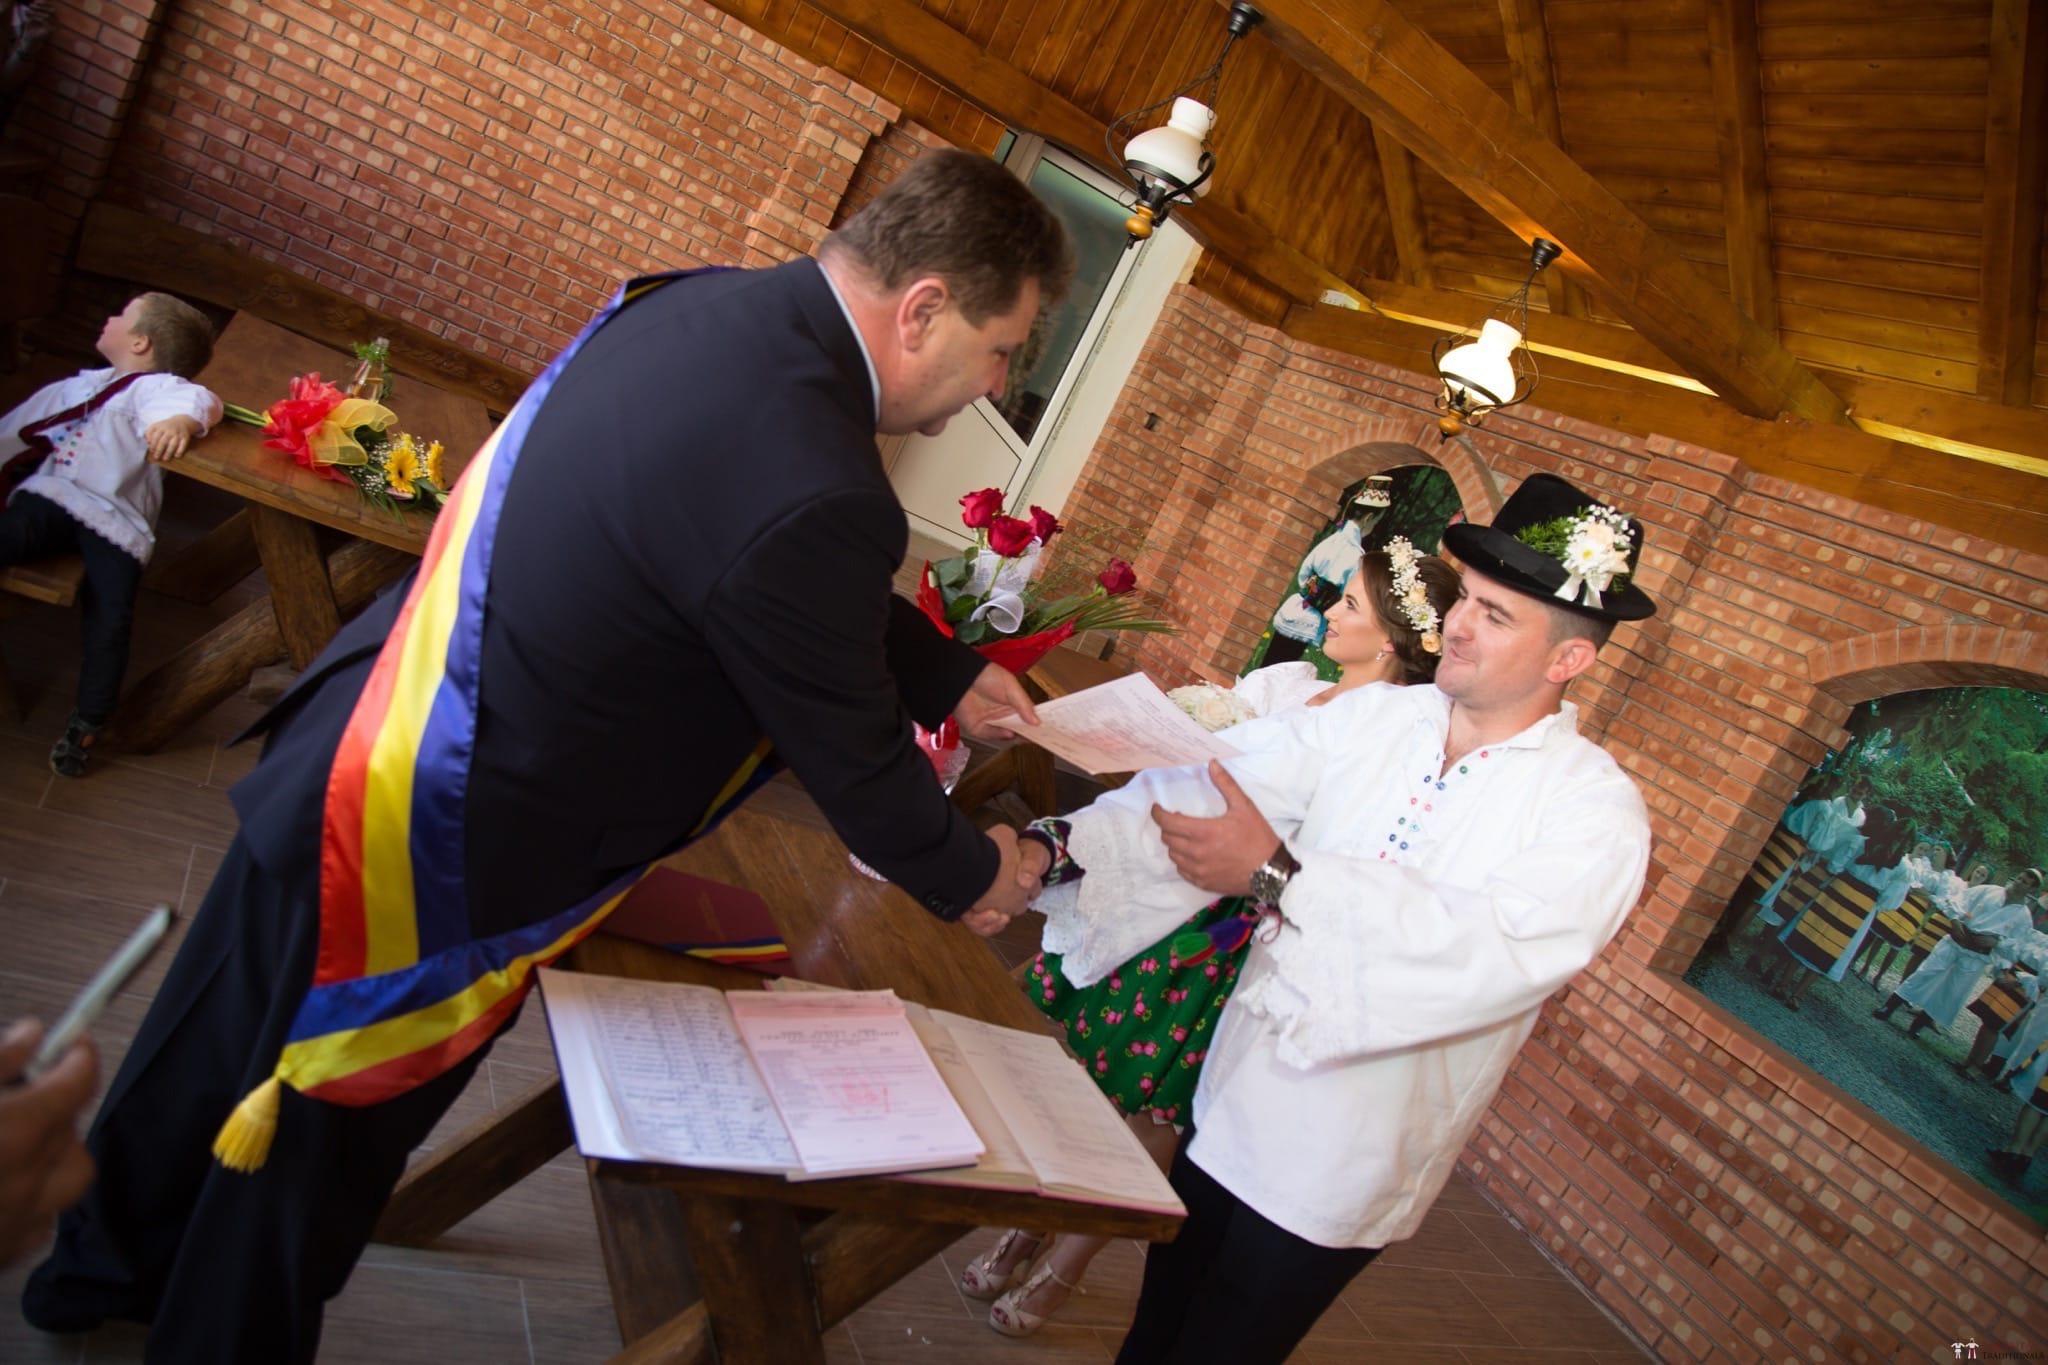 Povești Nunți Tradiționale - Ancuța și Nicu, cununie tradițională în Giulești, Maramureș 21